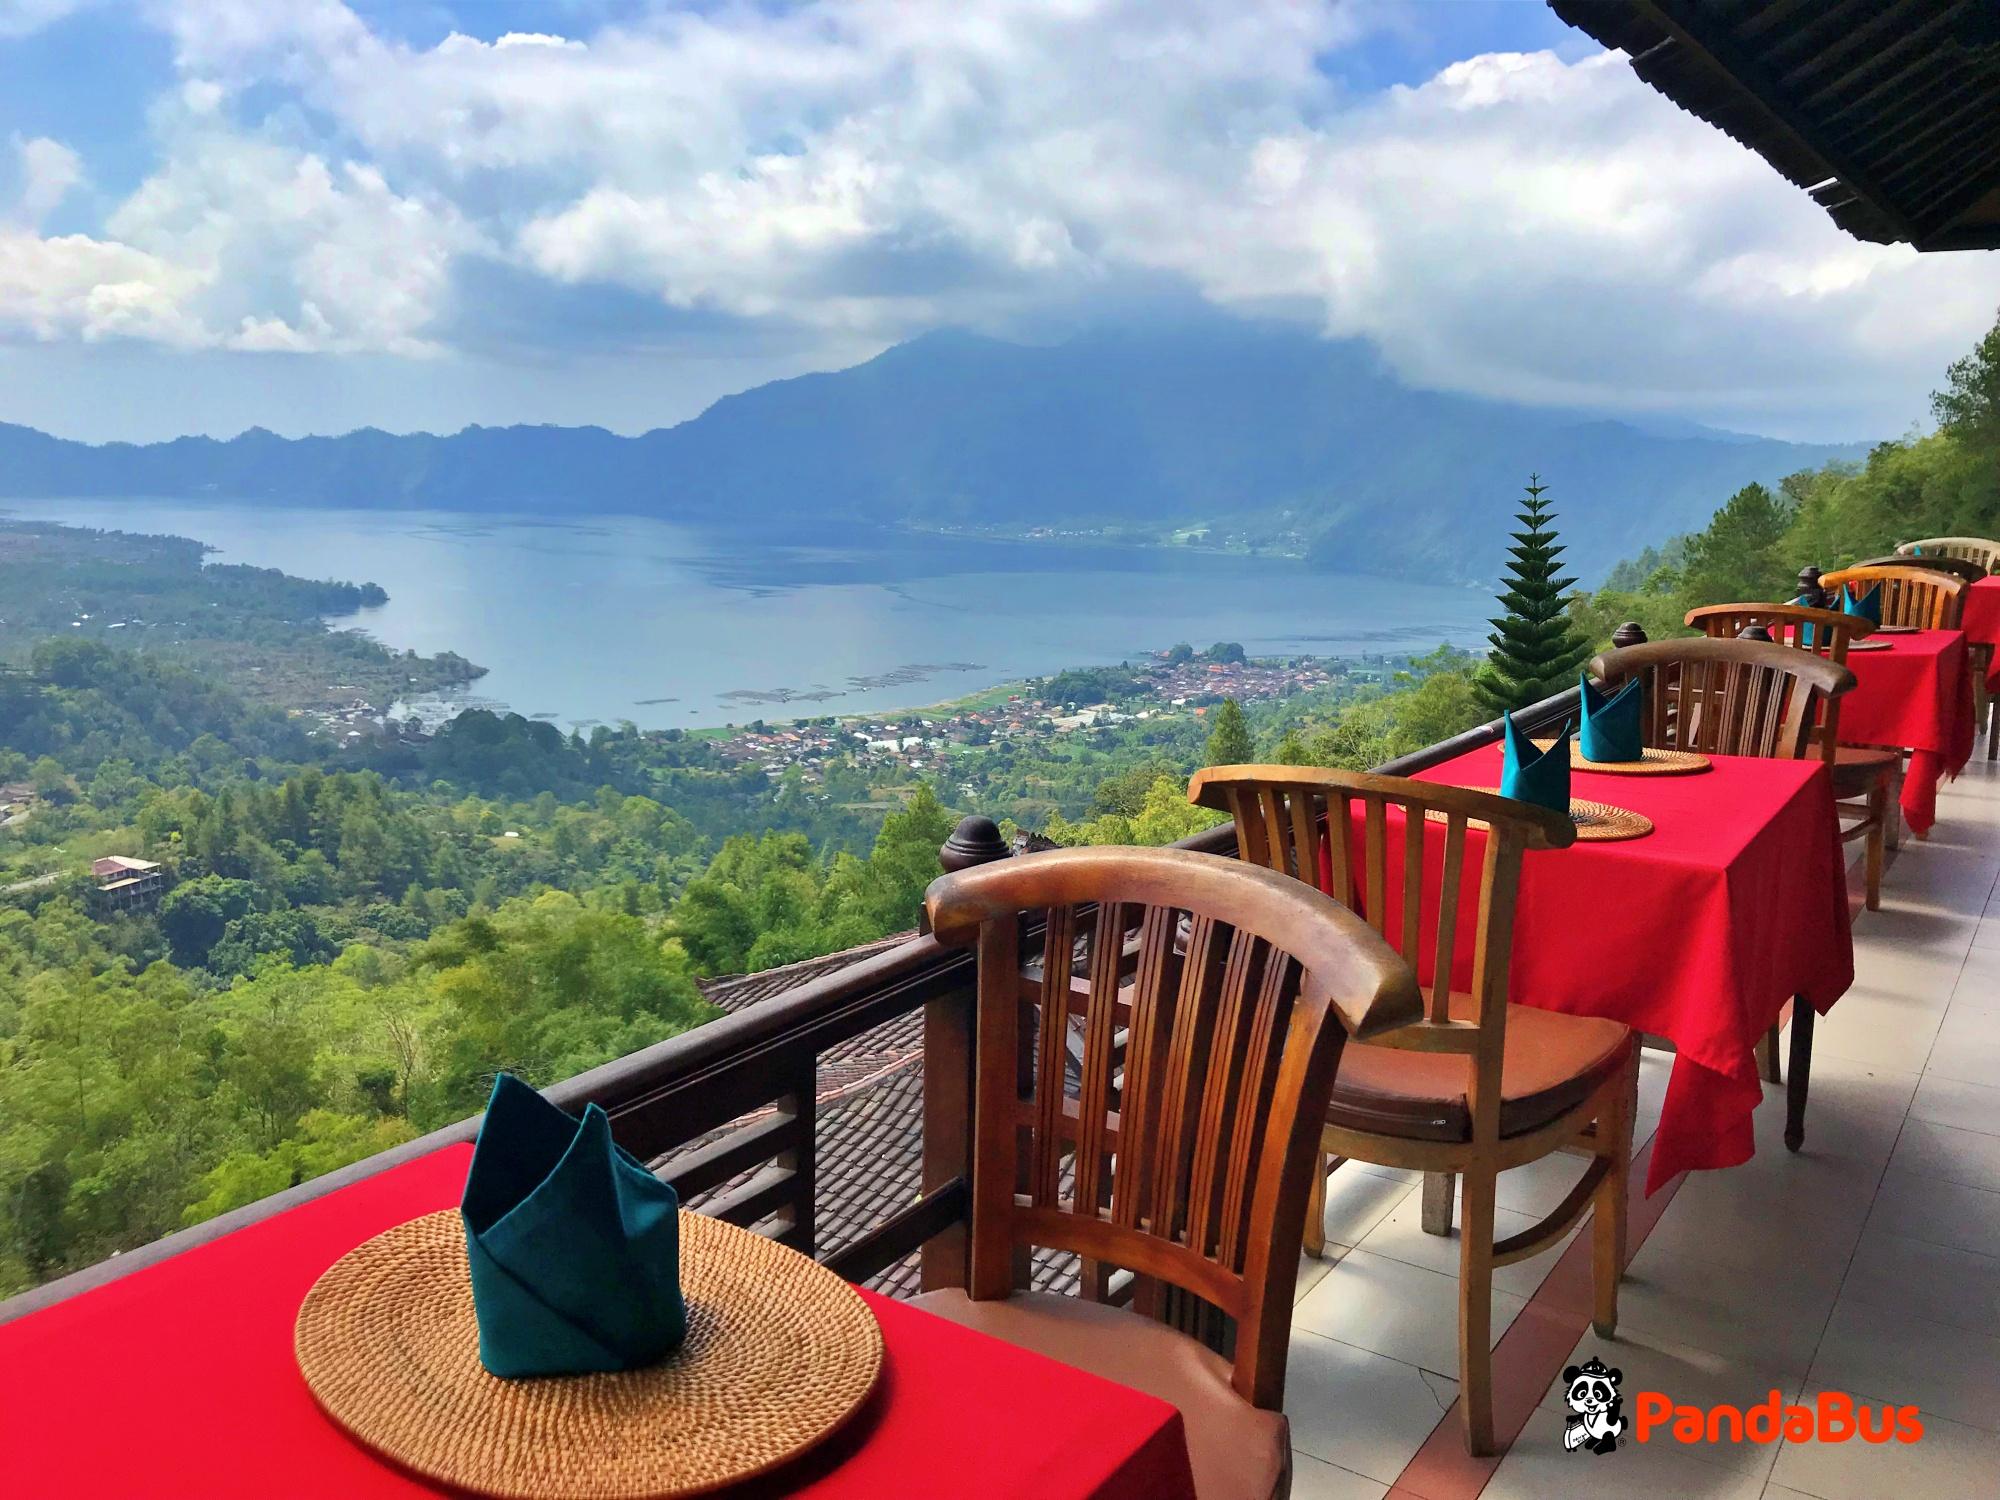 キンタマーニ高原にて昼食(インドネシアバッフェ) 世界遺産『バトゥール湖』が見えるレストランですがすがしい気分をお楽しみいただけます。